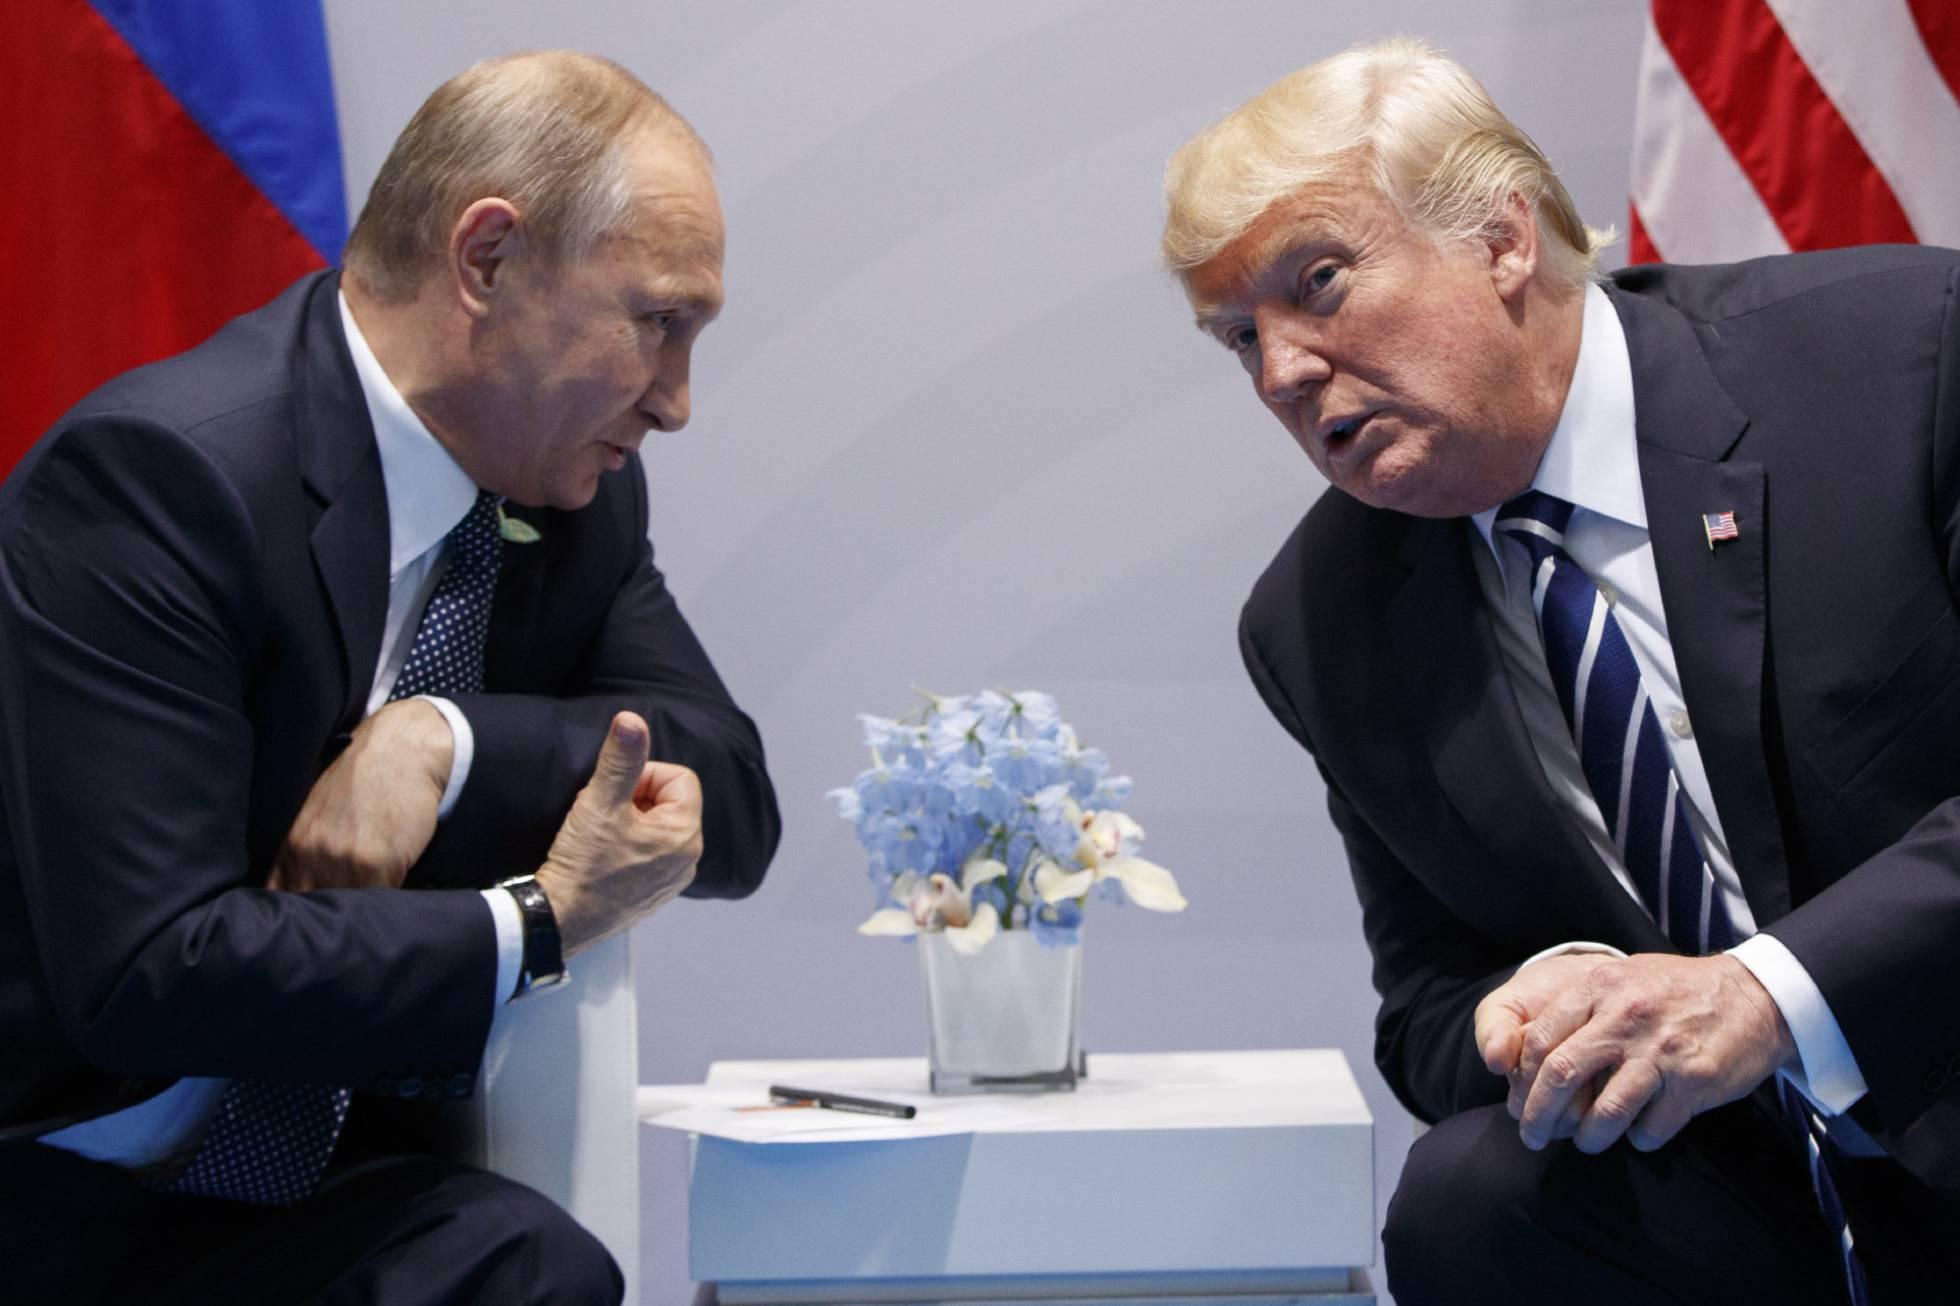 Relaciones bilaterales Estados Unidos - Rusia 1499604808_957487_1499604955_noticia_normal_recorte1